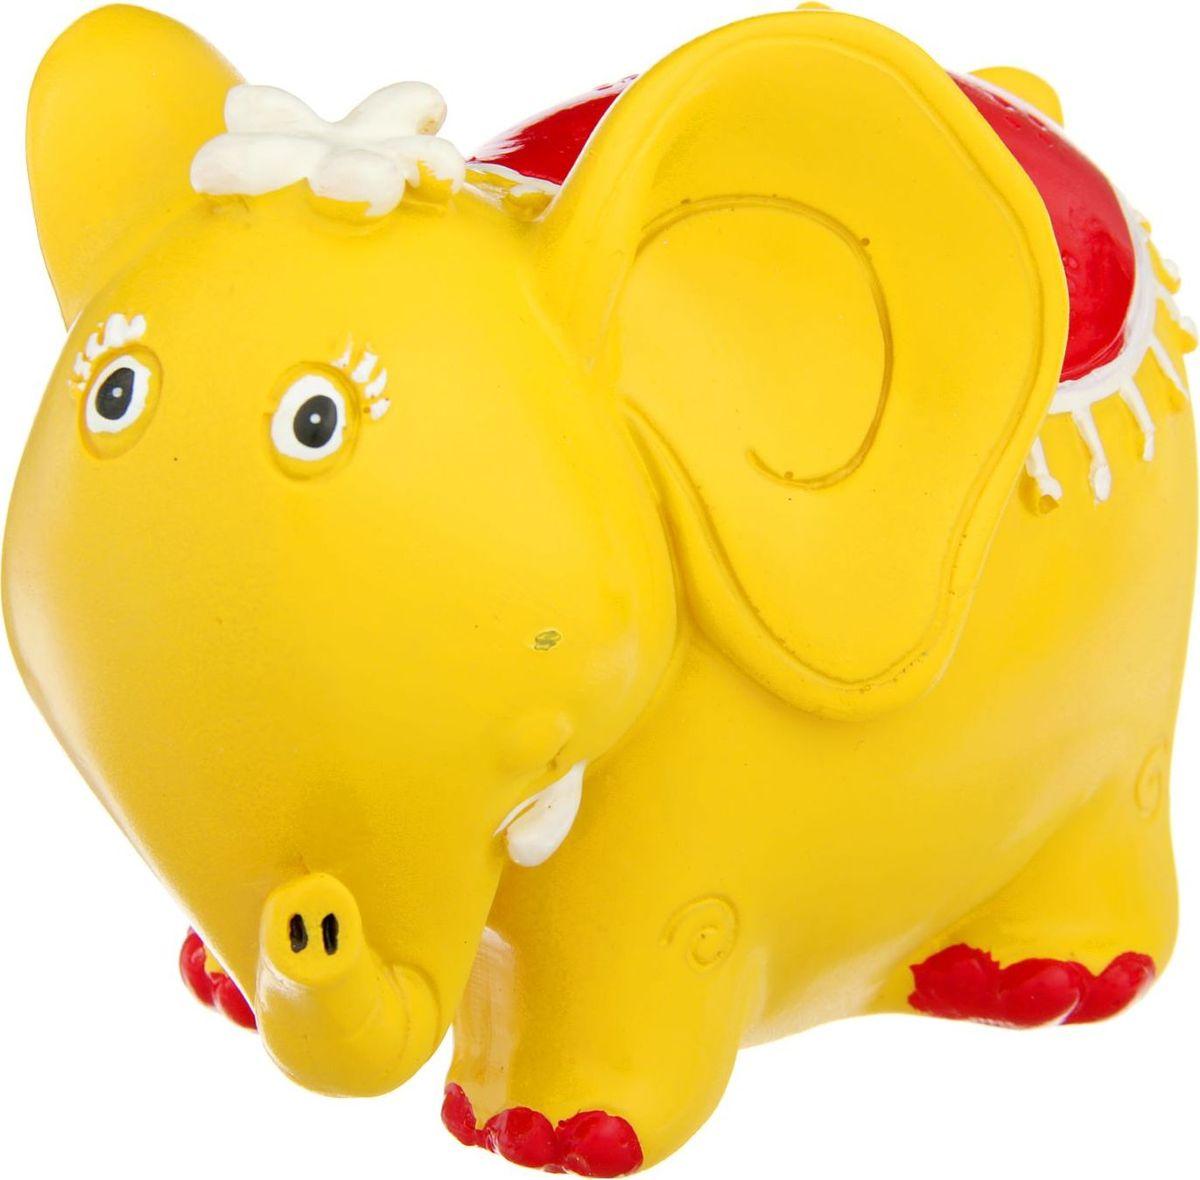 Копилка Желтый слон с цветком и в красной попоне, 9 х 13 х 10 см1935723Вряд ли найдётся человек, который ни разу в жизни не складывал монетки в стоящую на полочке копилку и не радовался тому, что она становится всё более тяжелой и увесистой. Яркая и оригинальная, копилка не только является удобным и надёжным вместилищем для монет, но и украшает собой интерьер, становясь его заметной деталью. Она будет замечательным вариантом подарка близкому человеку, подразумевающим пожелания процветания и финансового благополучия.Копилка является многоразовой, что позволит вам воспользоваться накопленными деньгами в любой момент.